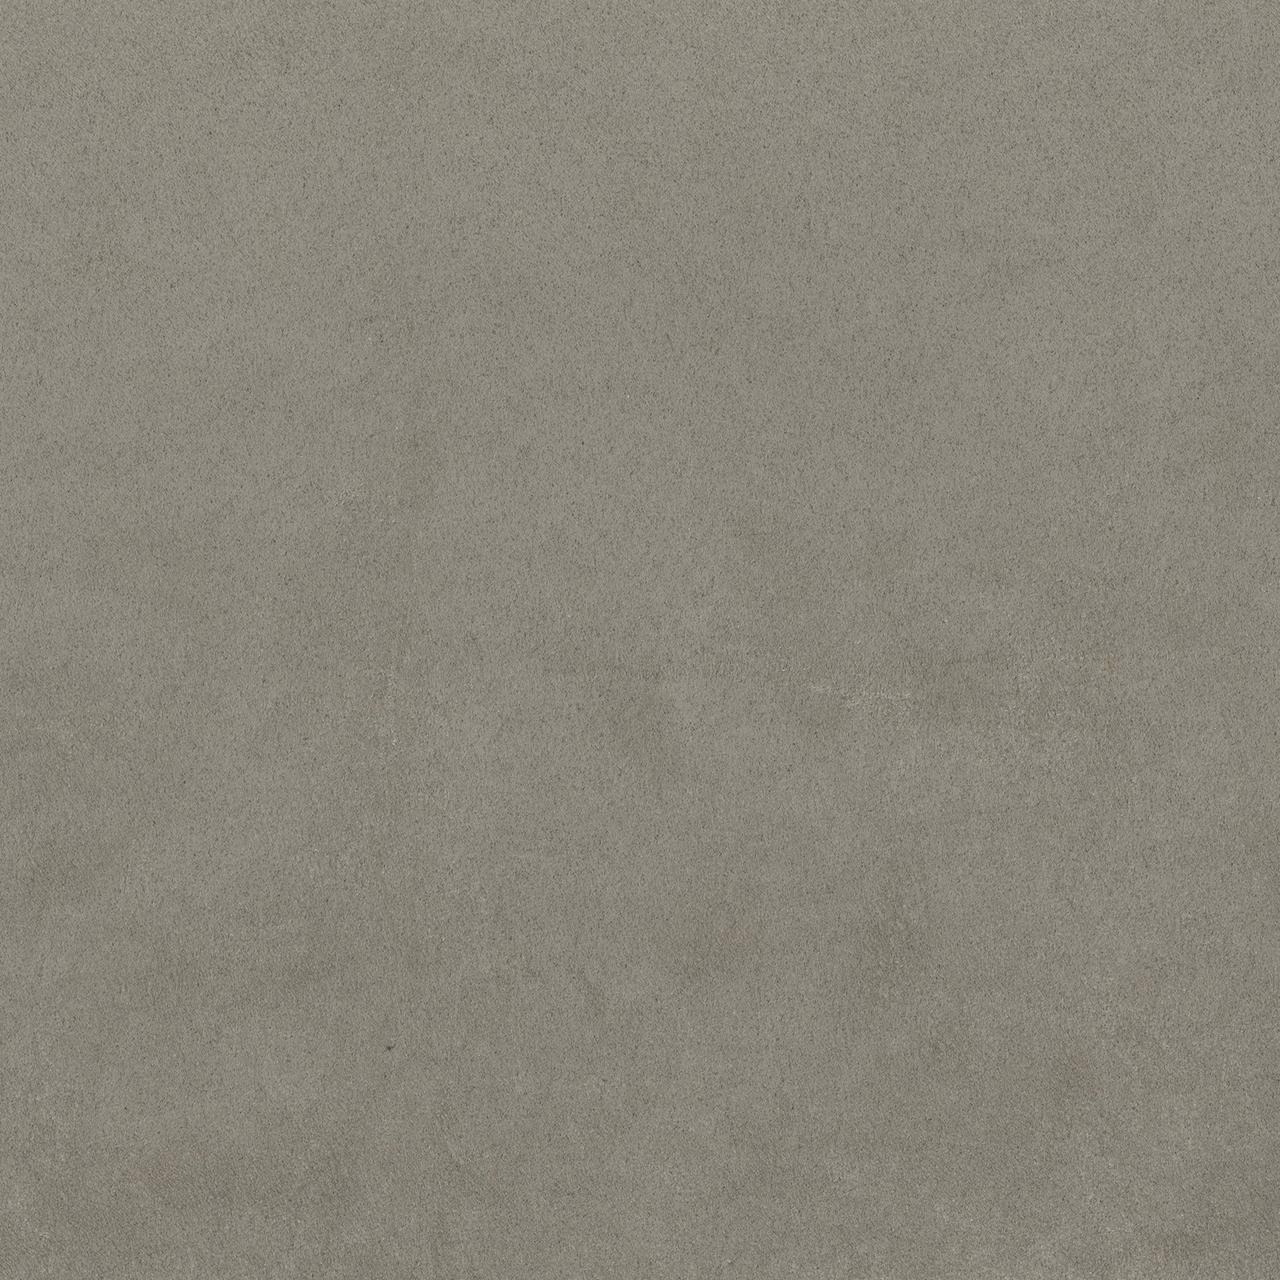 Wayne Light Brown Suede Texture 352150 Wallpaper   Indoorwallpapercom 1280x1280